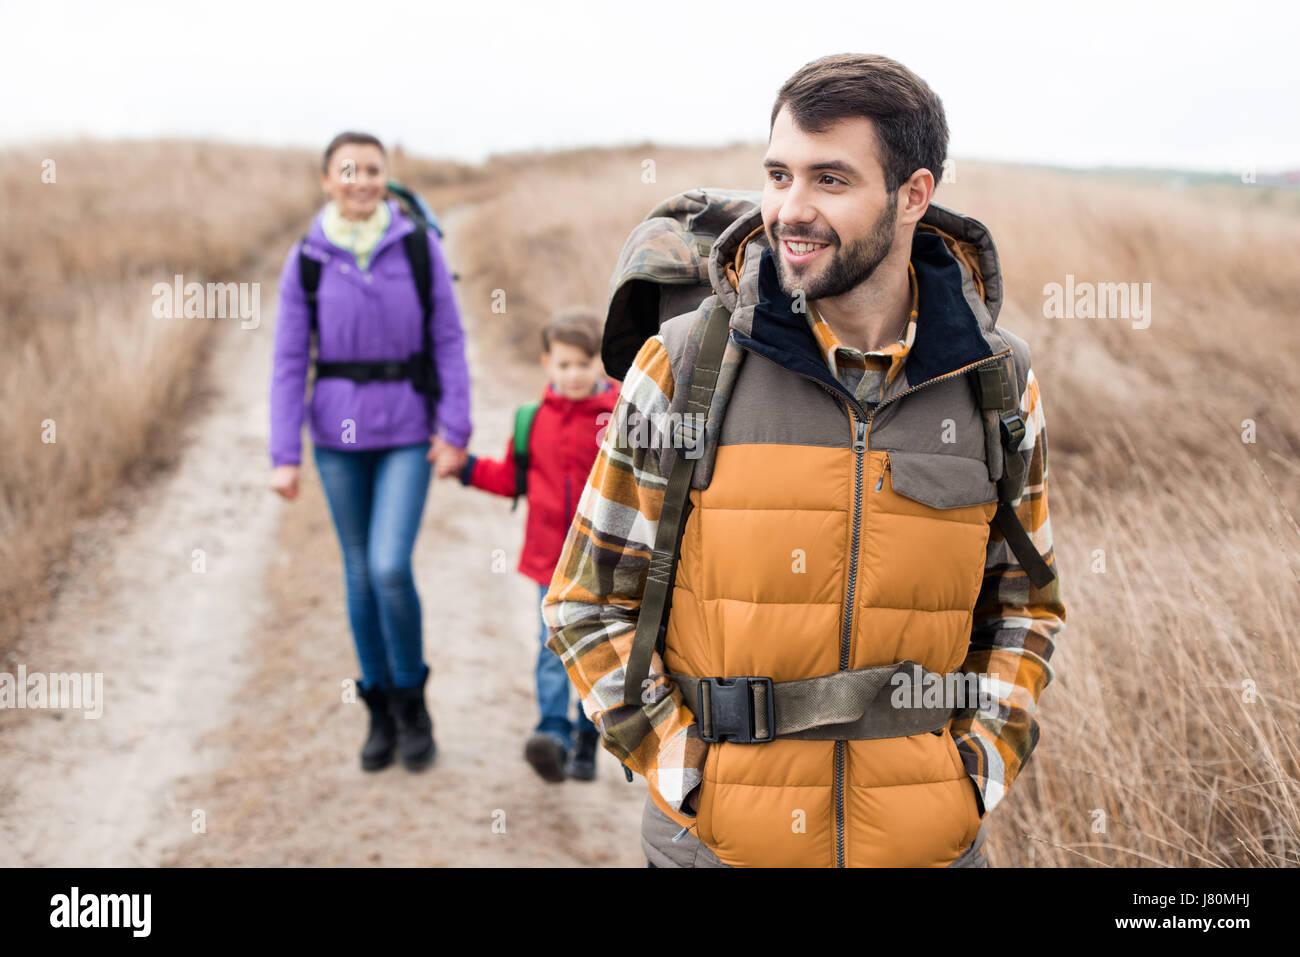 Close-up portrait of young man avec femme et fils grande randonnée pédestre en région rurale à Photo Stock